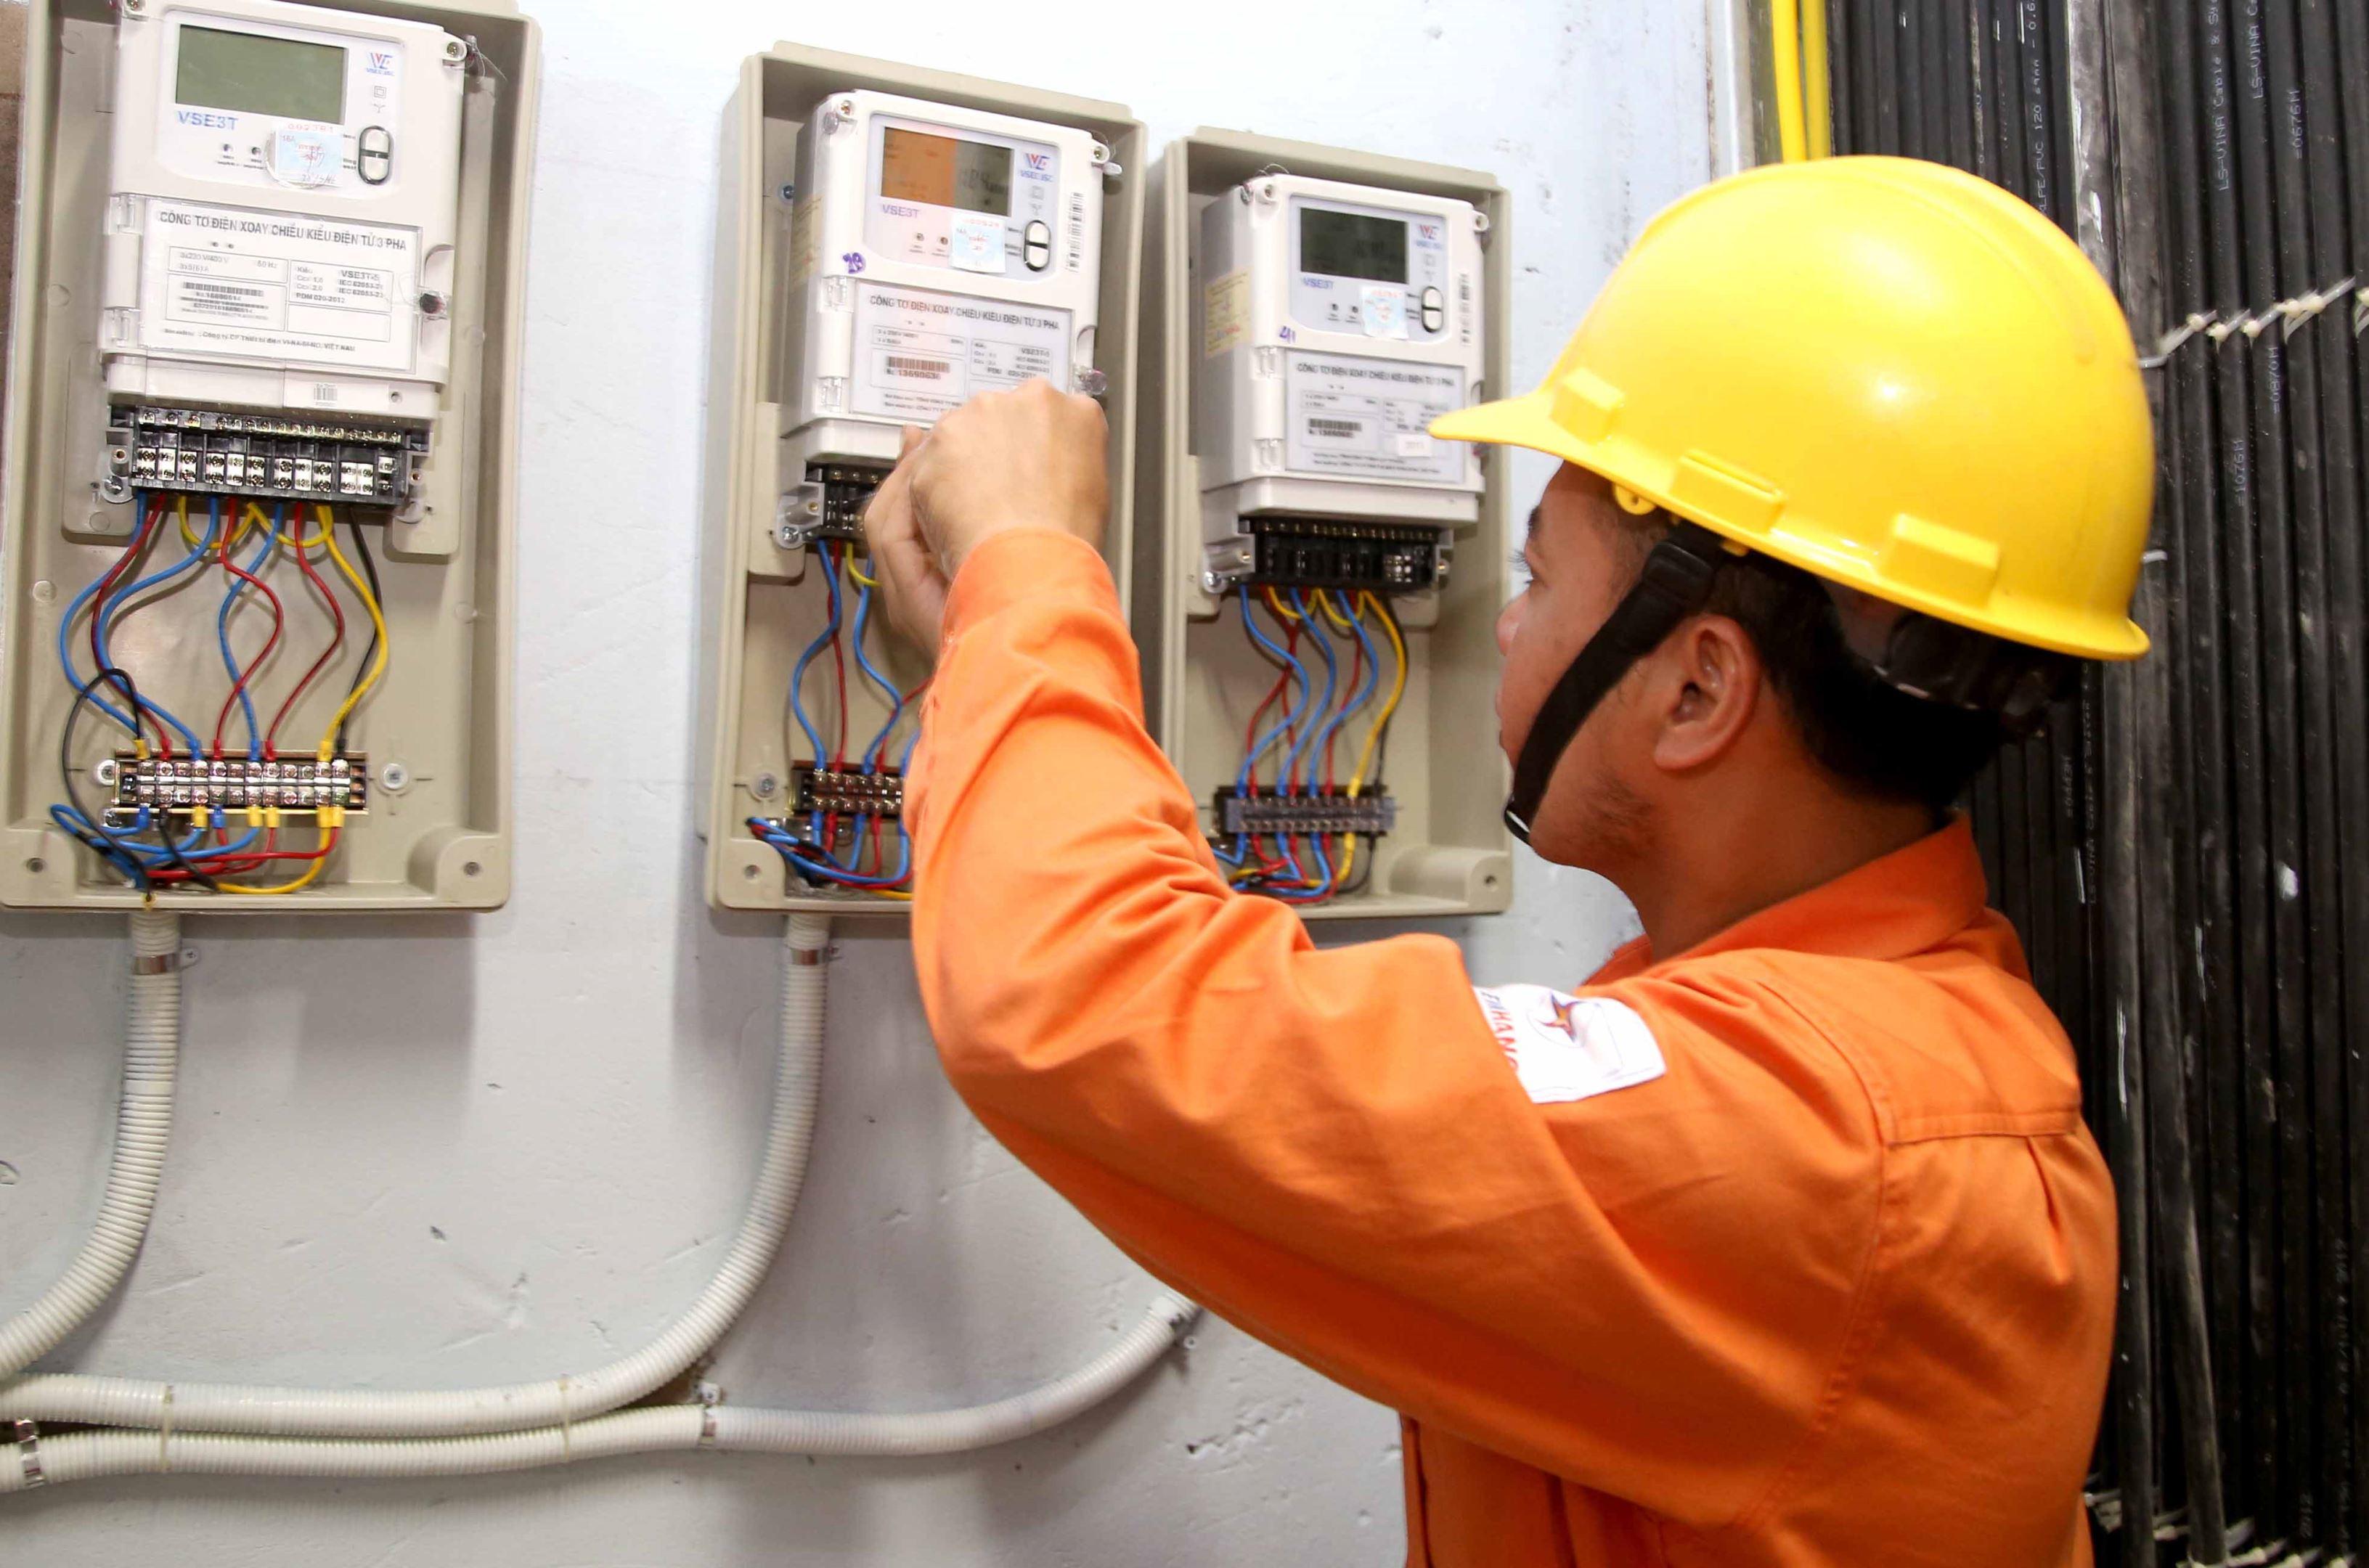 CPI tháng 5 tăng thấp hơn cùng kỳ 2018 dù giá xăng, điện tăng